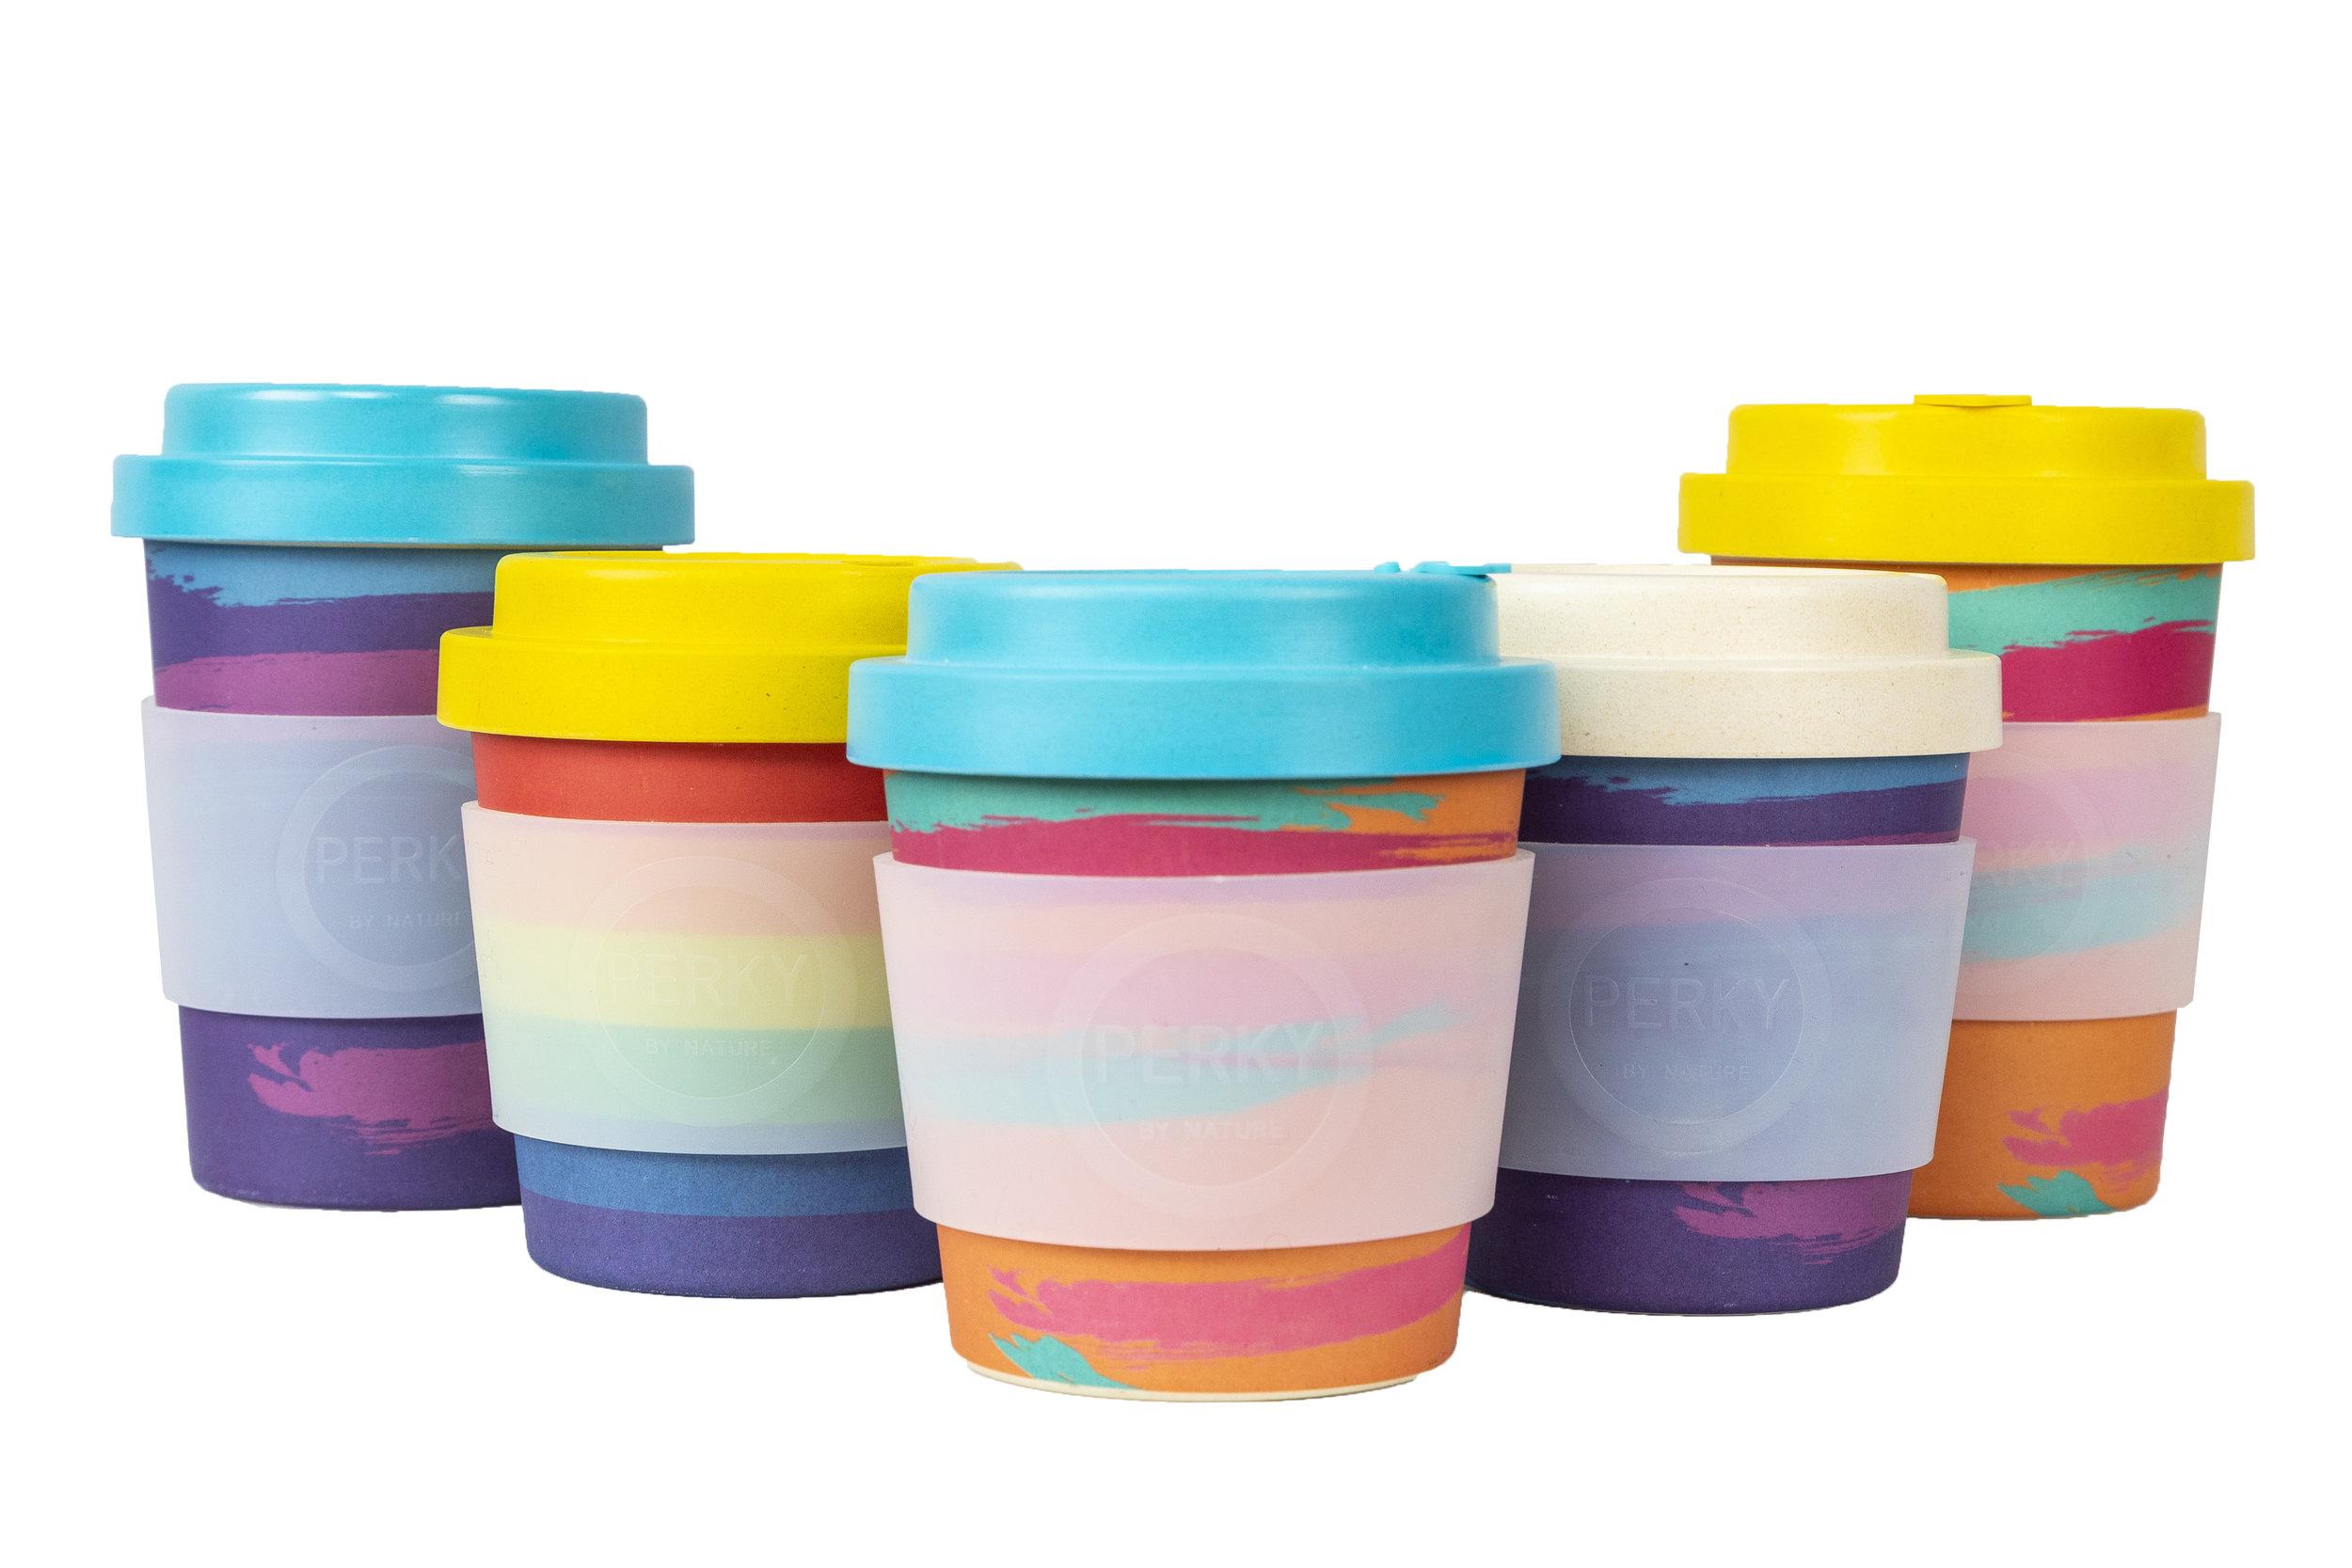 Perky_Cups_032.jpg